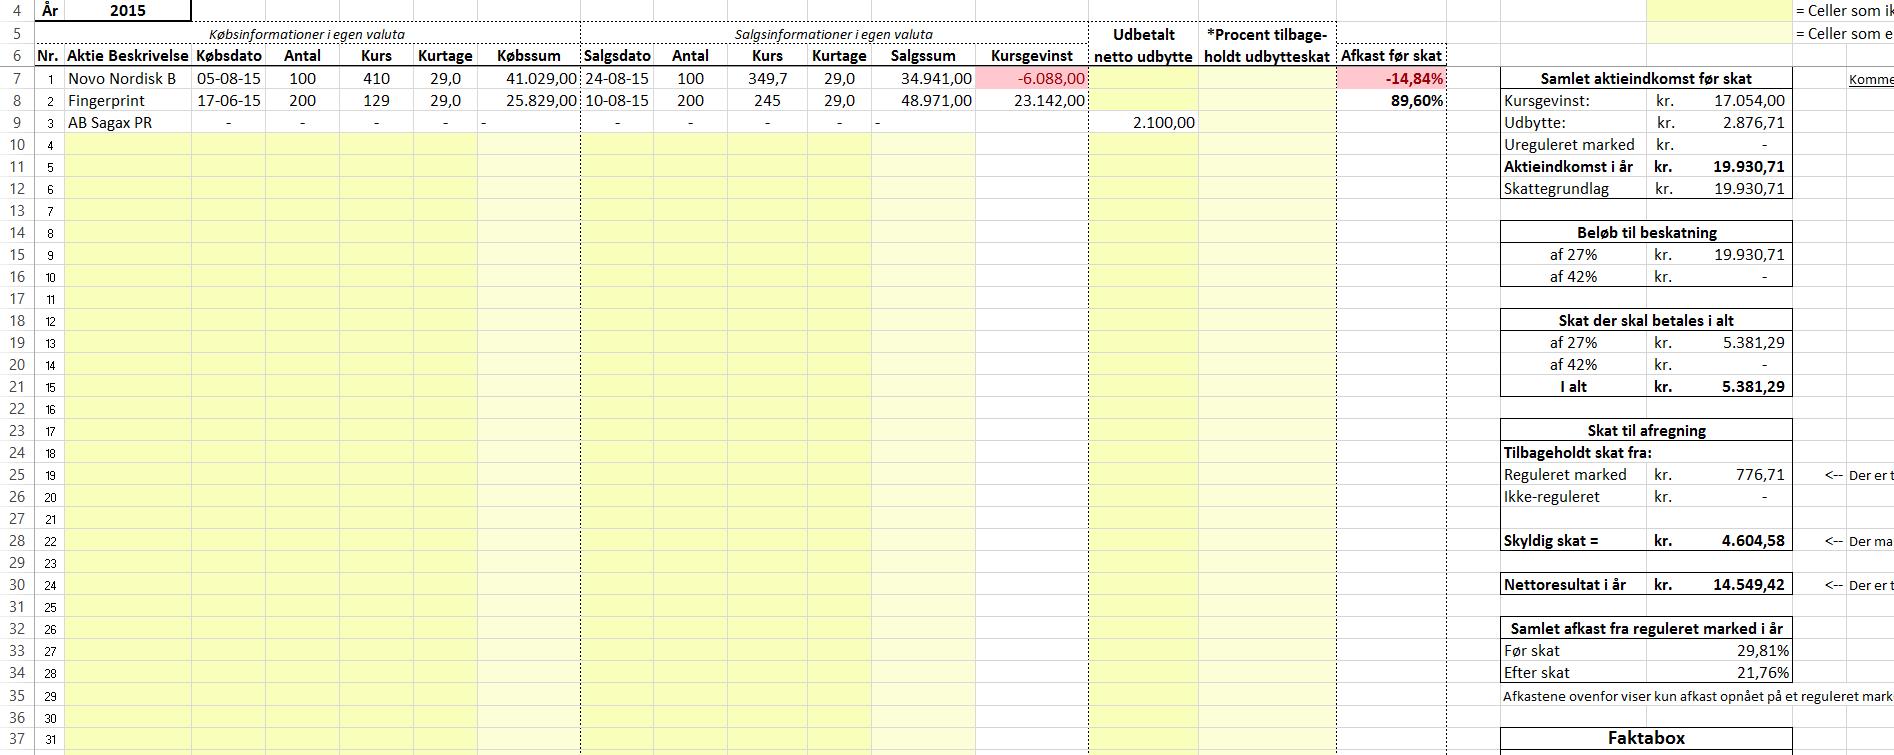 Eksempler - Aktiehandler, resultater og skat – Aktie-Skat.dk